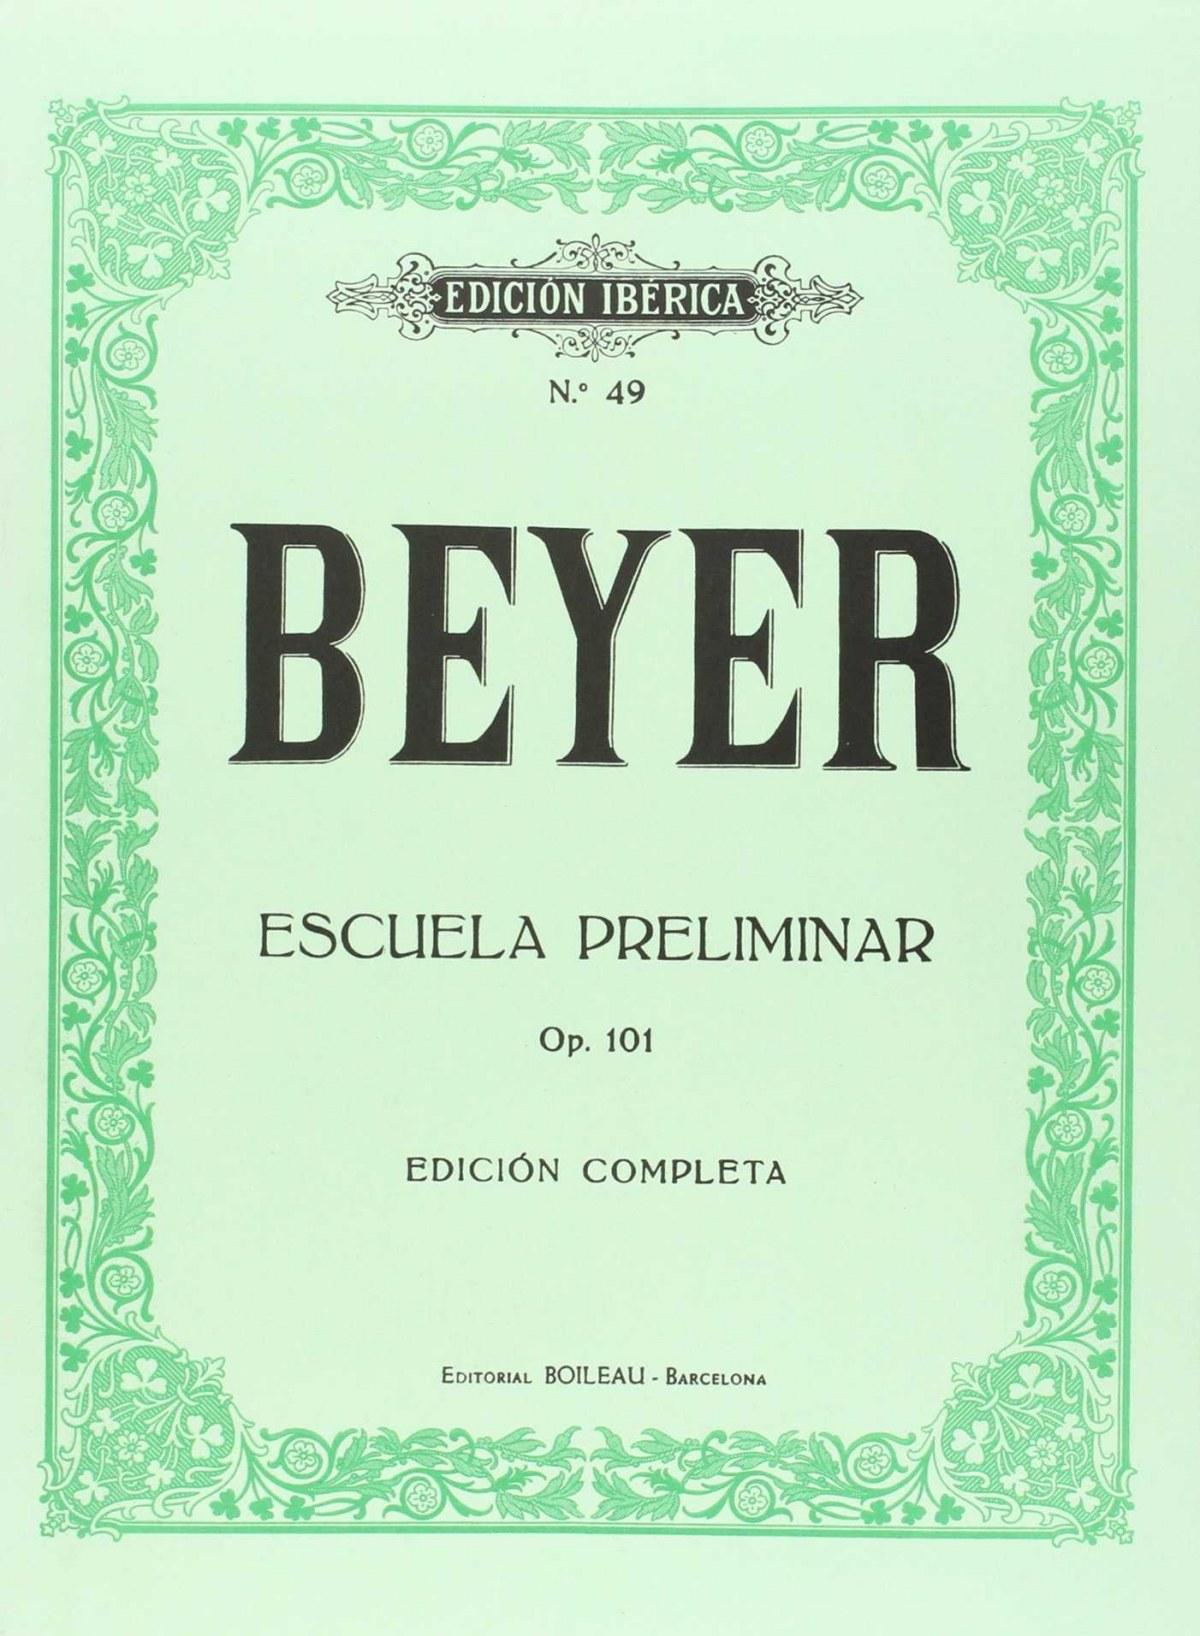 Escuela preliminar op.101 9788480203630